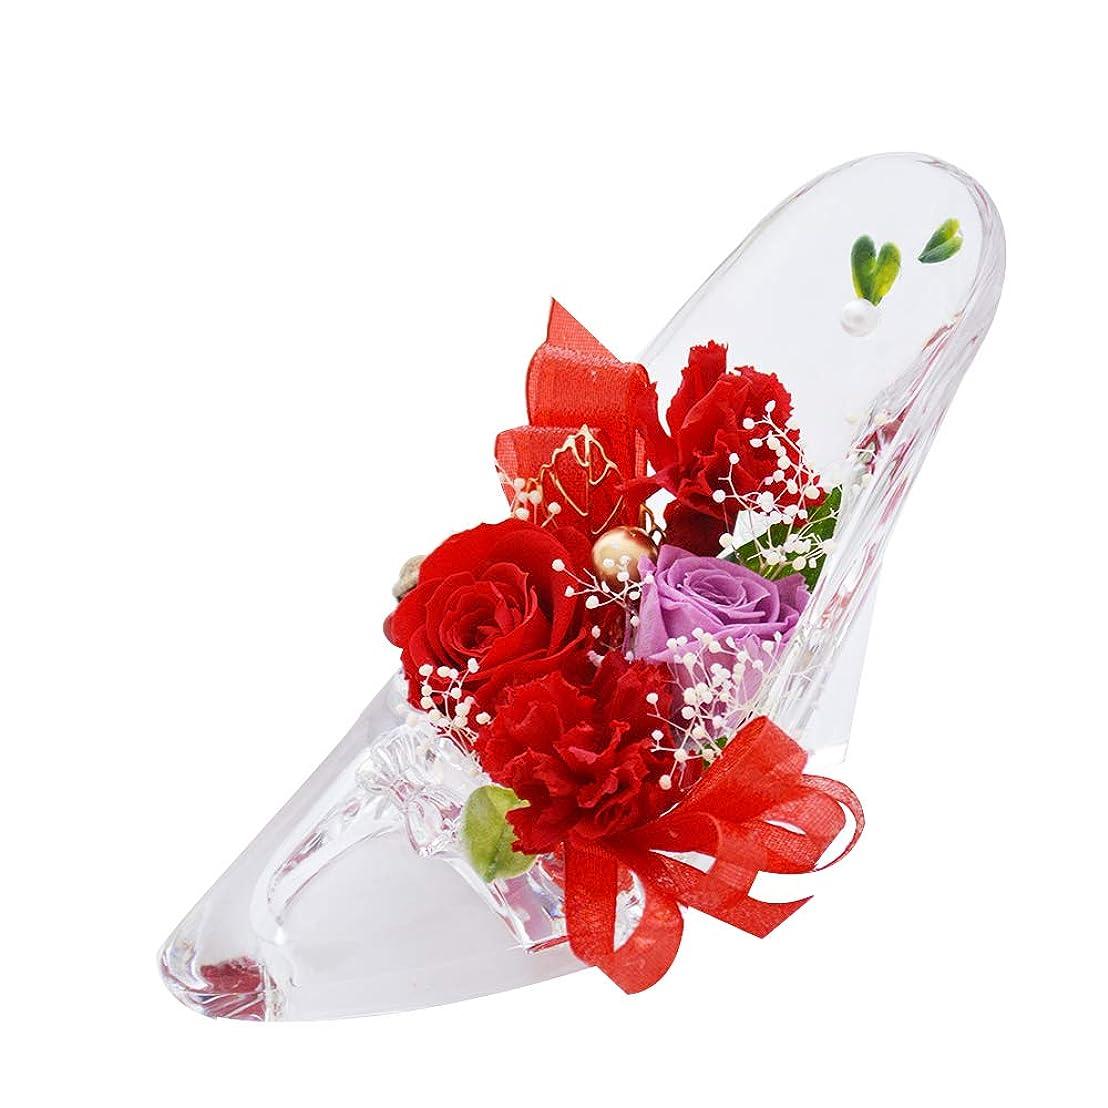 トラフィックによると苦[florence du] プリザーブドフラワー バラ?カーネーションハイヒールアレンジメント レッド ガラスの靴 花 ギフト フラワーギフト 結婚 母の日 プレゼント 誕生日 シンデレラ プリンセス プロポーズ 祝い 記念日 母の日